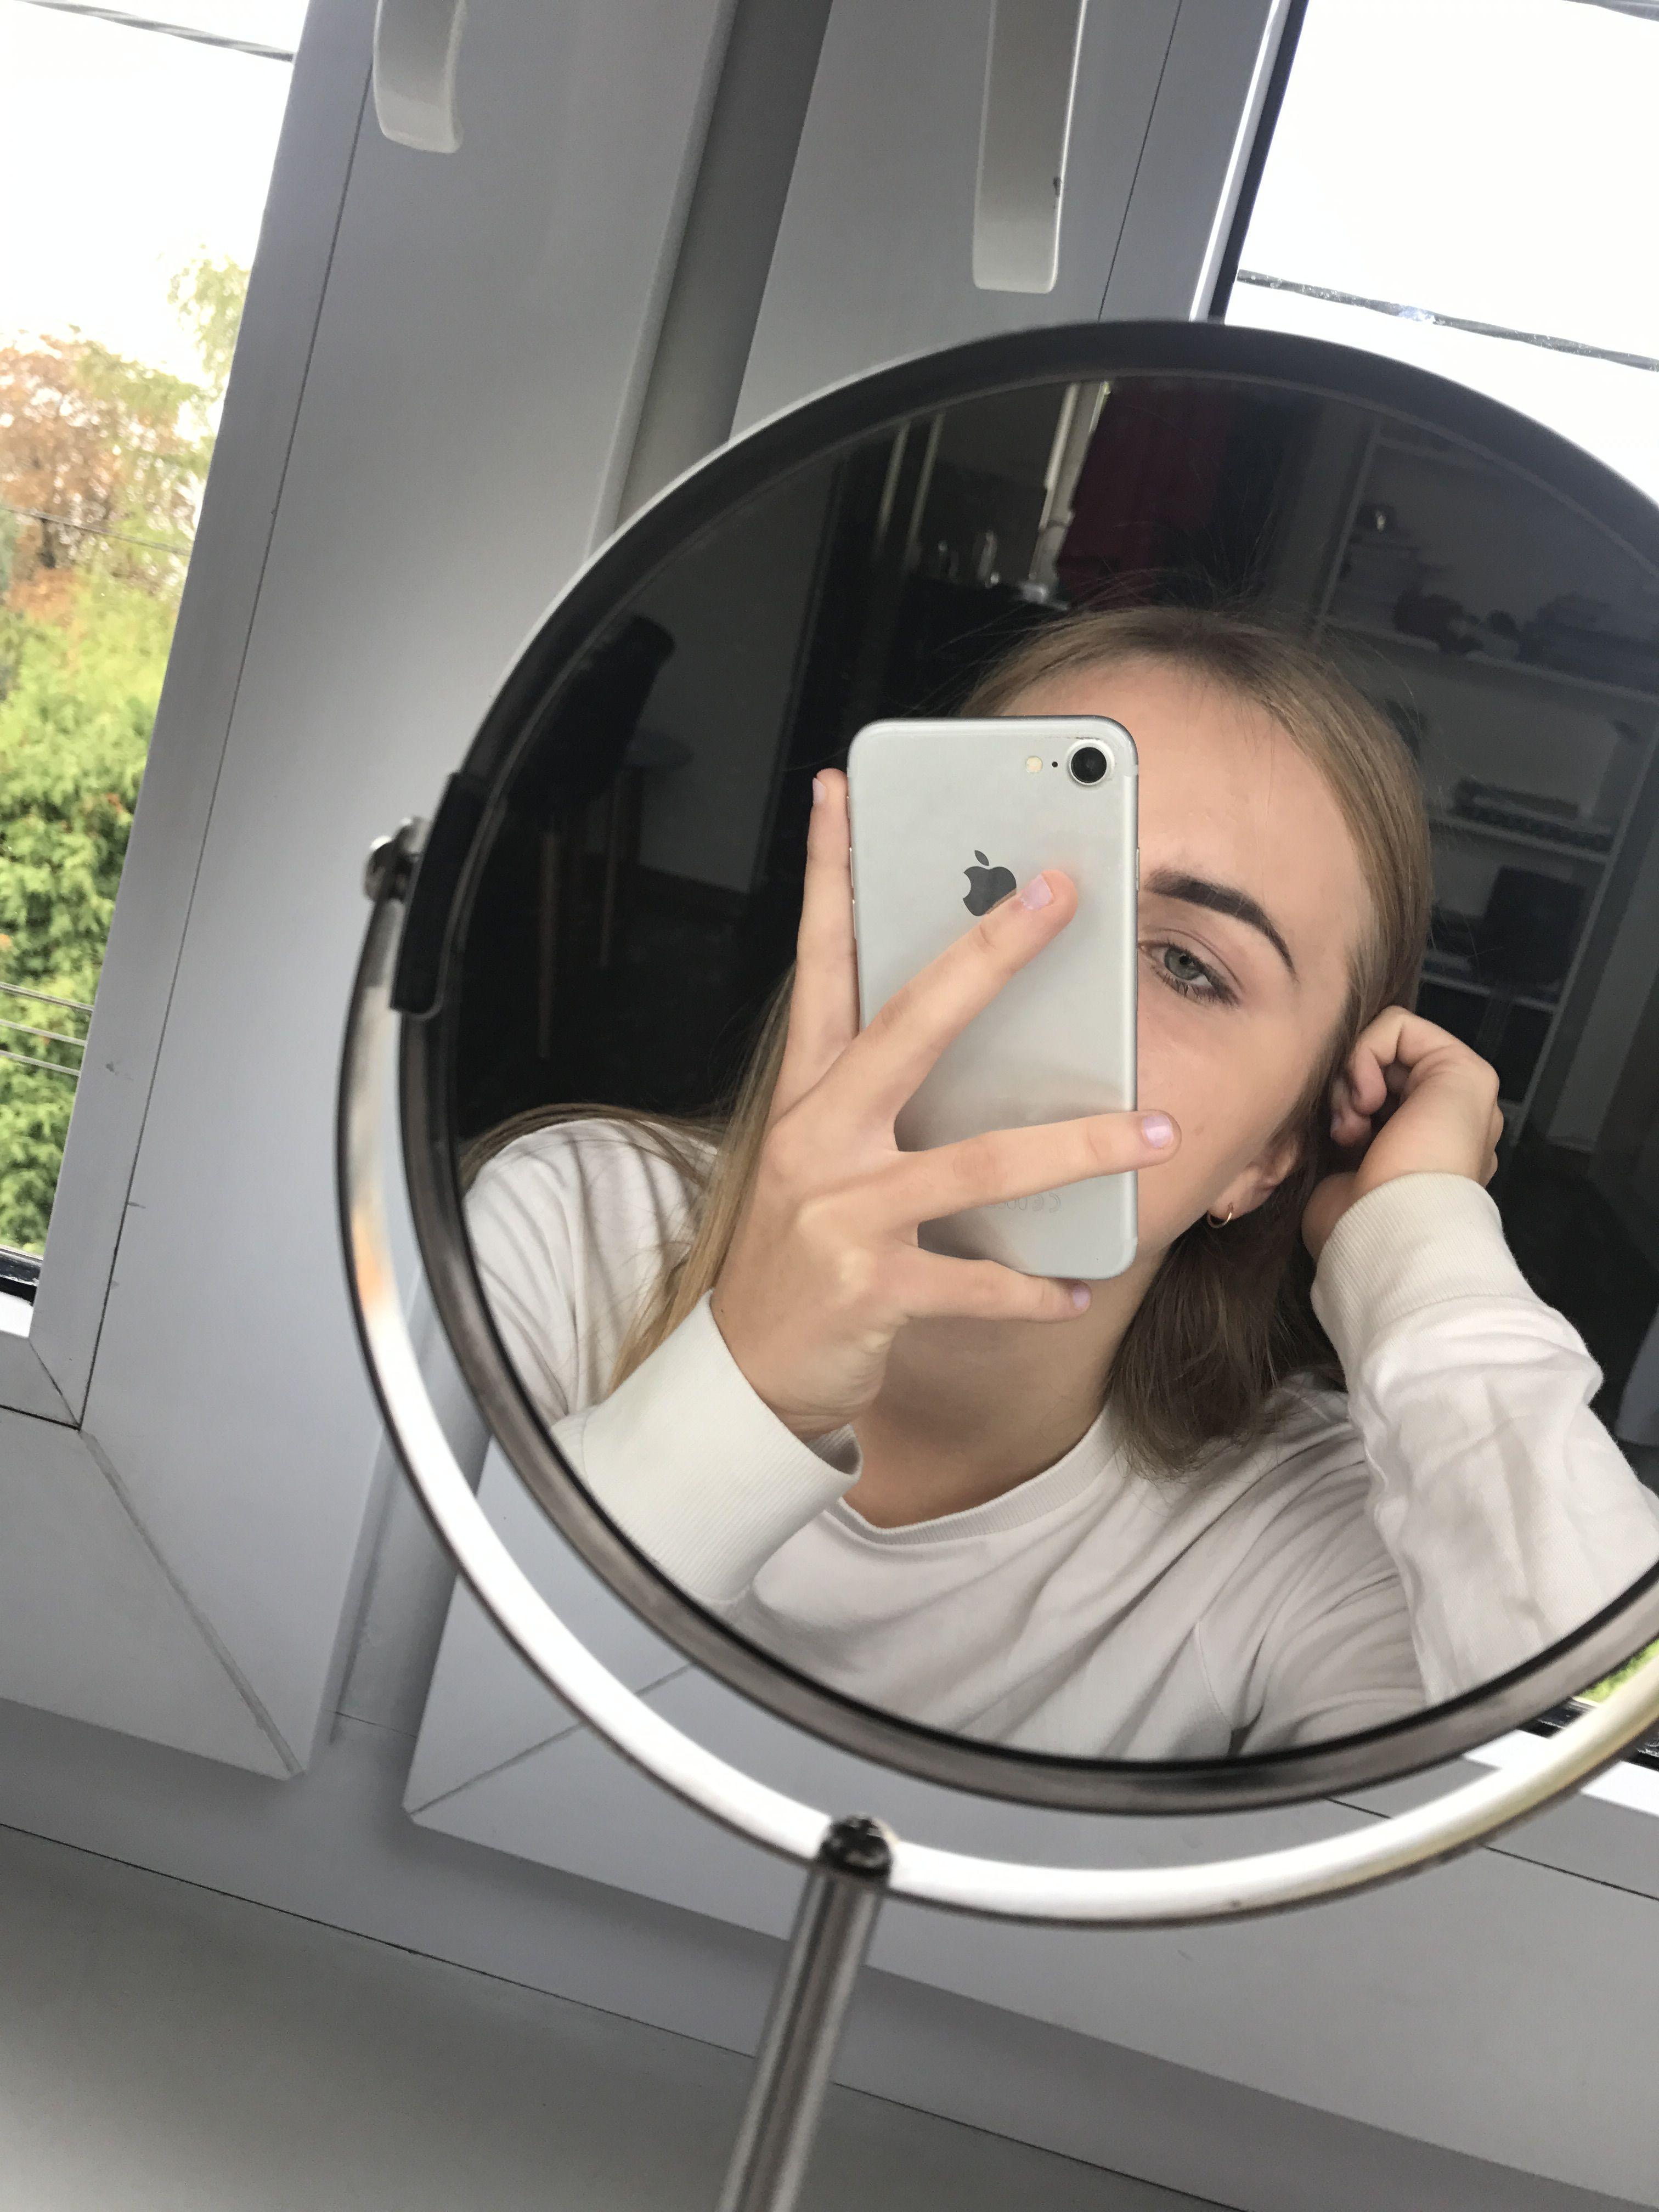 как фотографировать отражение в зеркале вашу